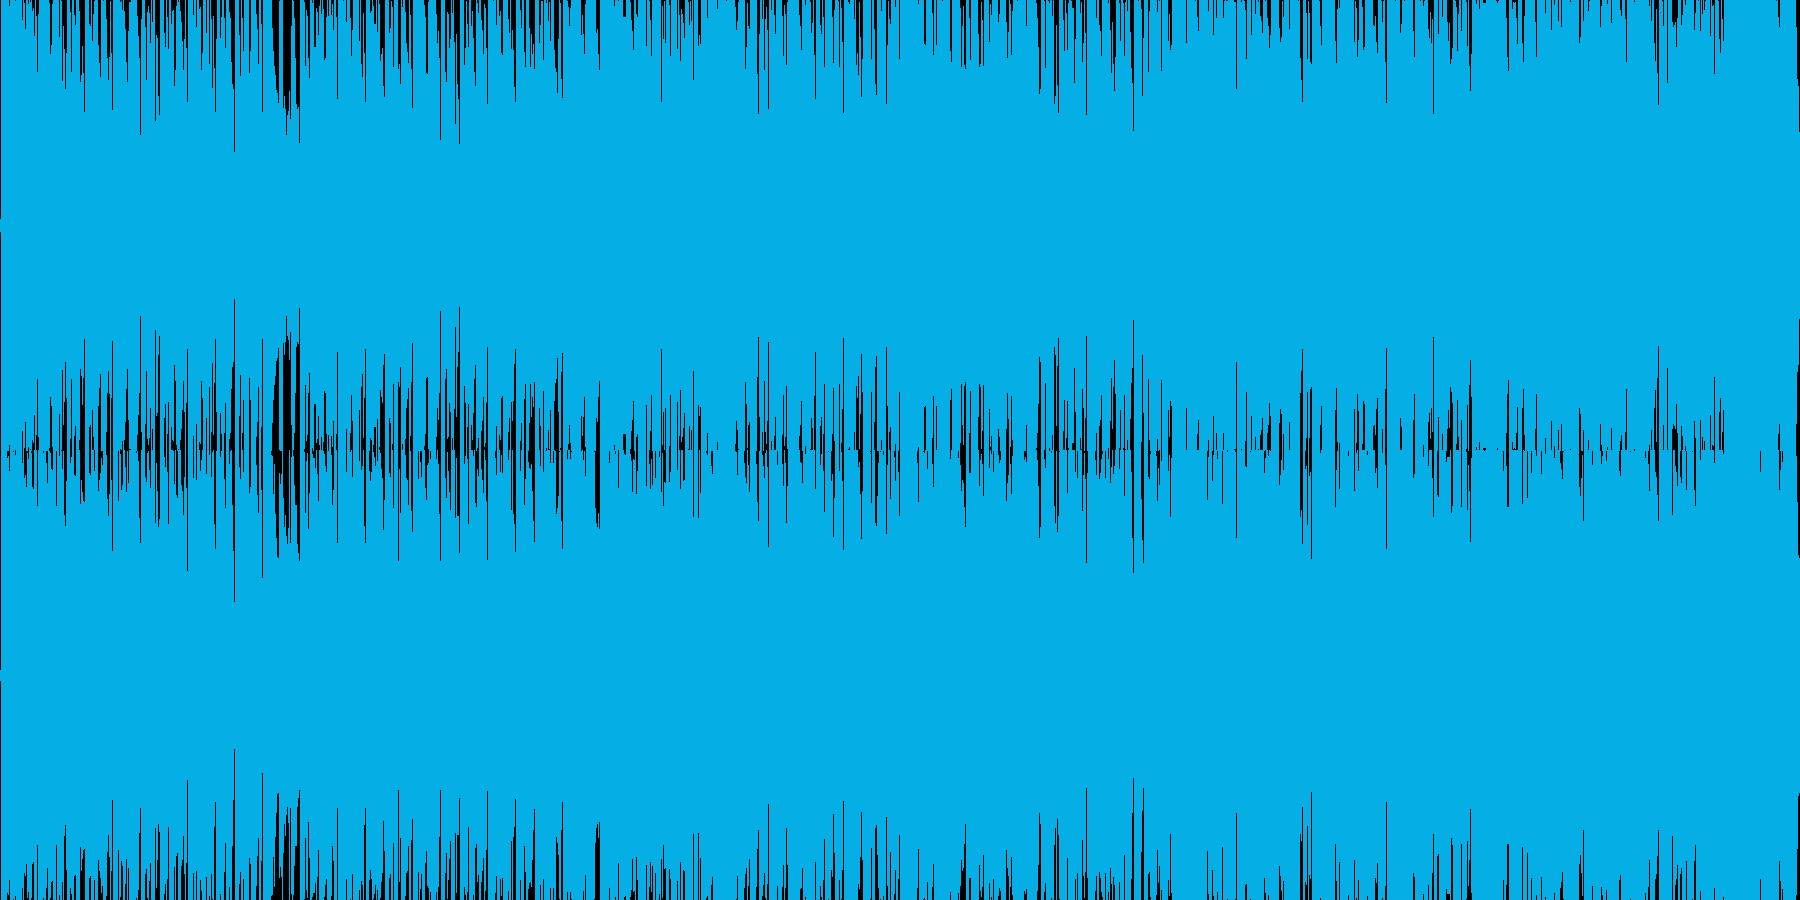 ファンキーなブラスセクションの4つ打ち の再生済みの波形